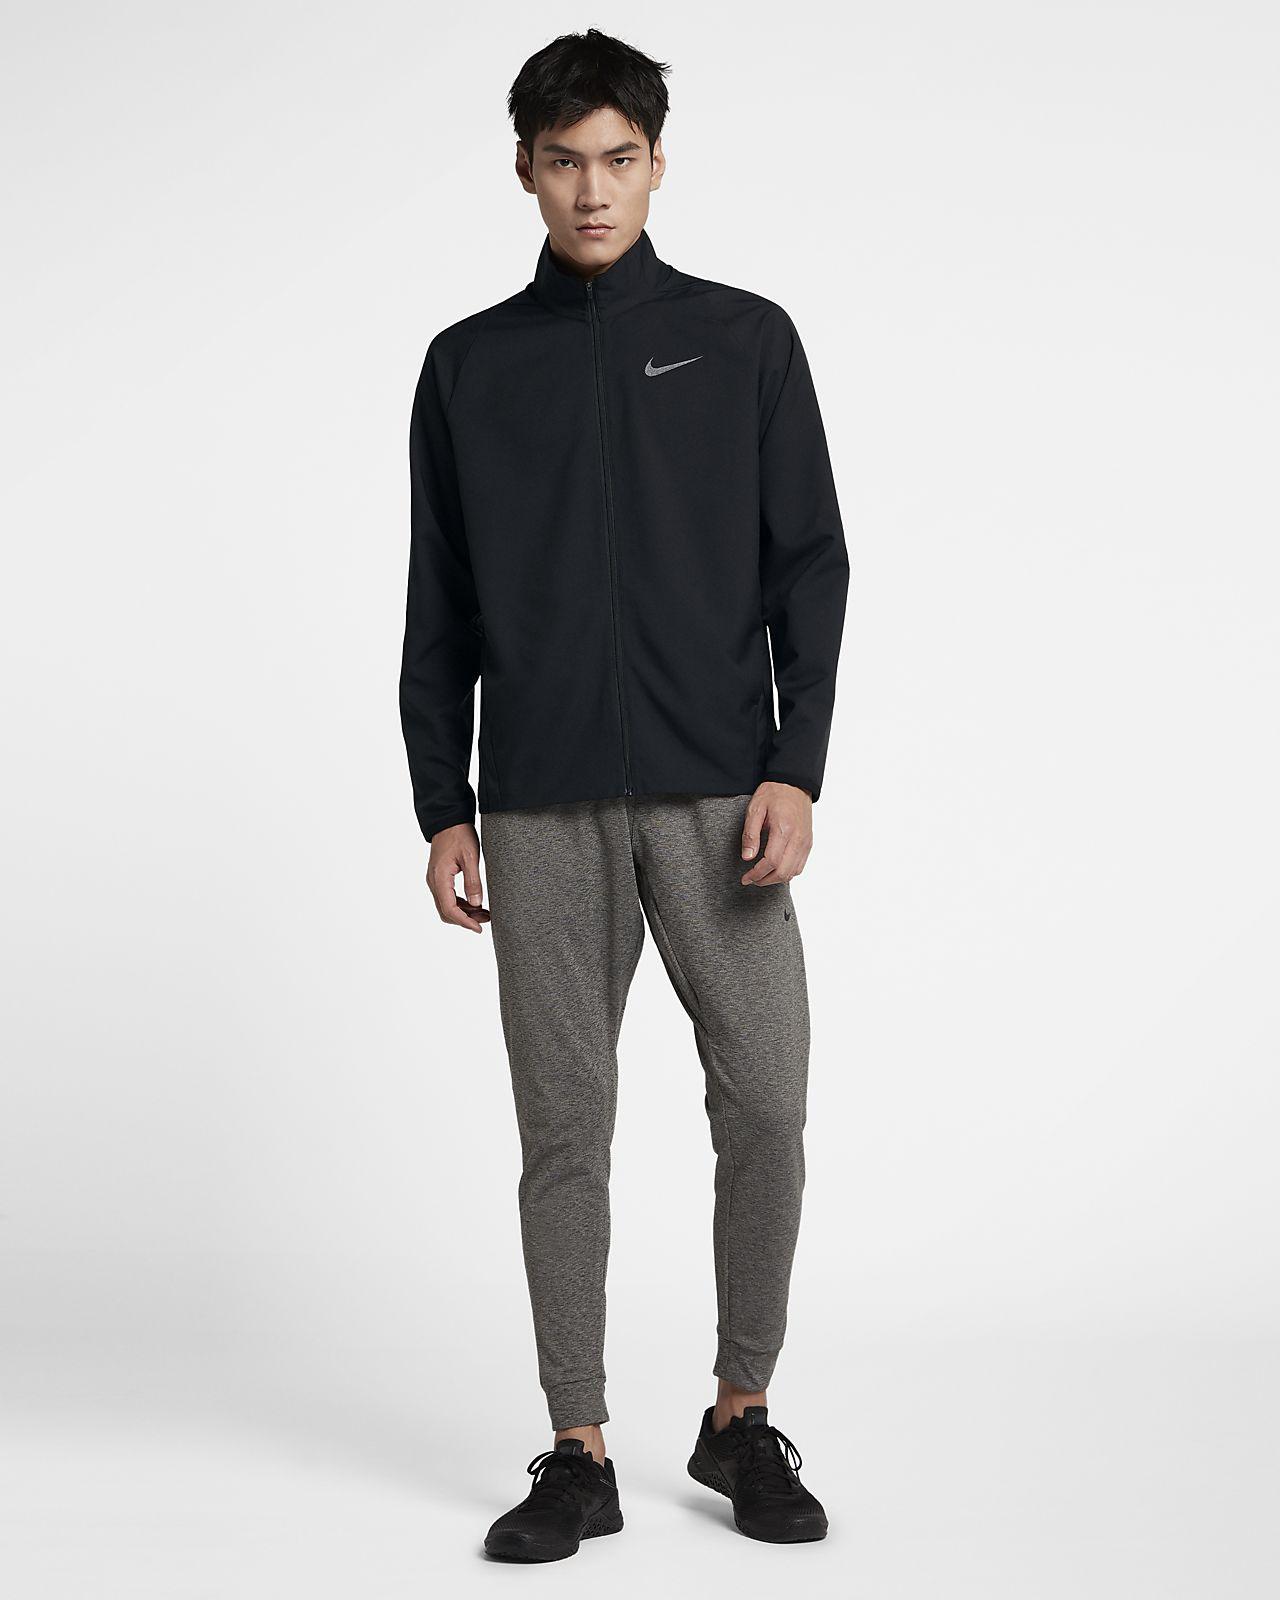 Nike Dri FIT Men's Woven Training Jacket